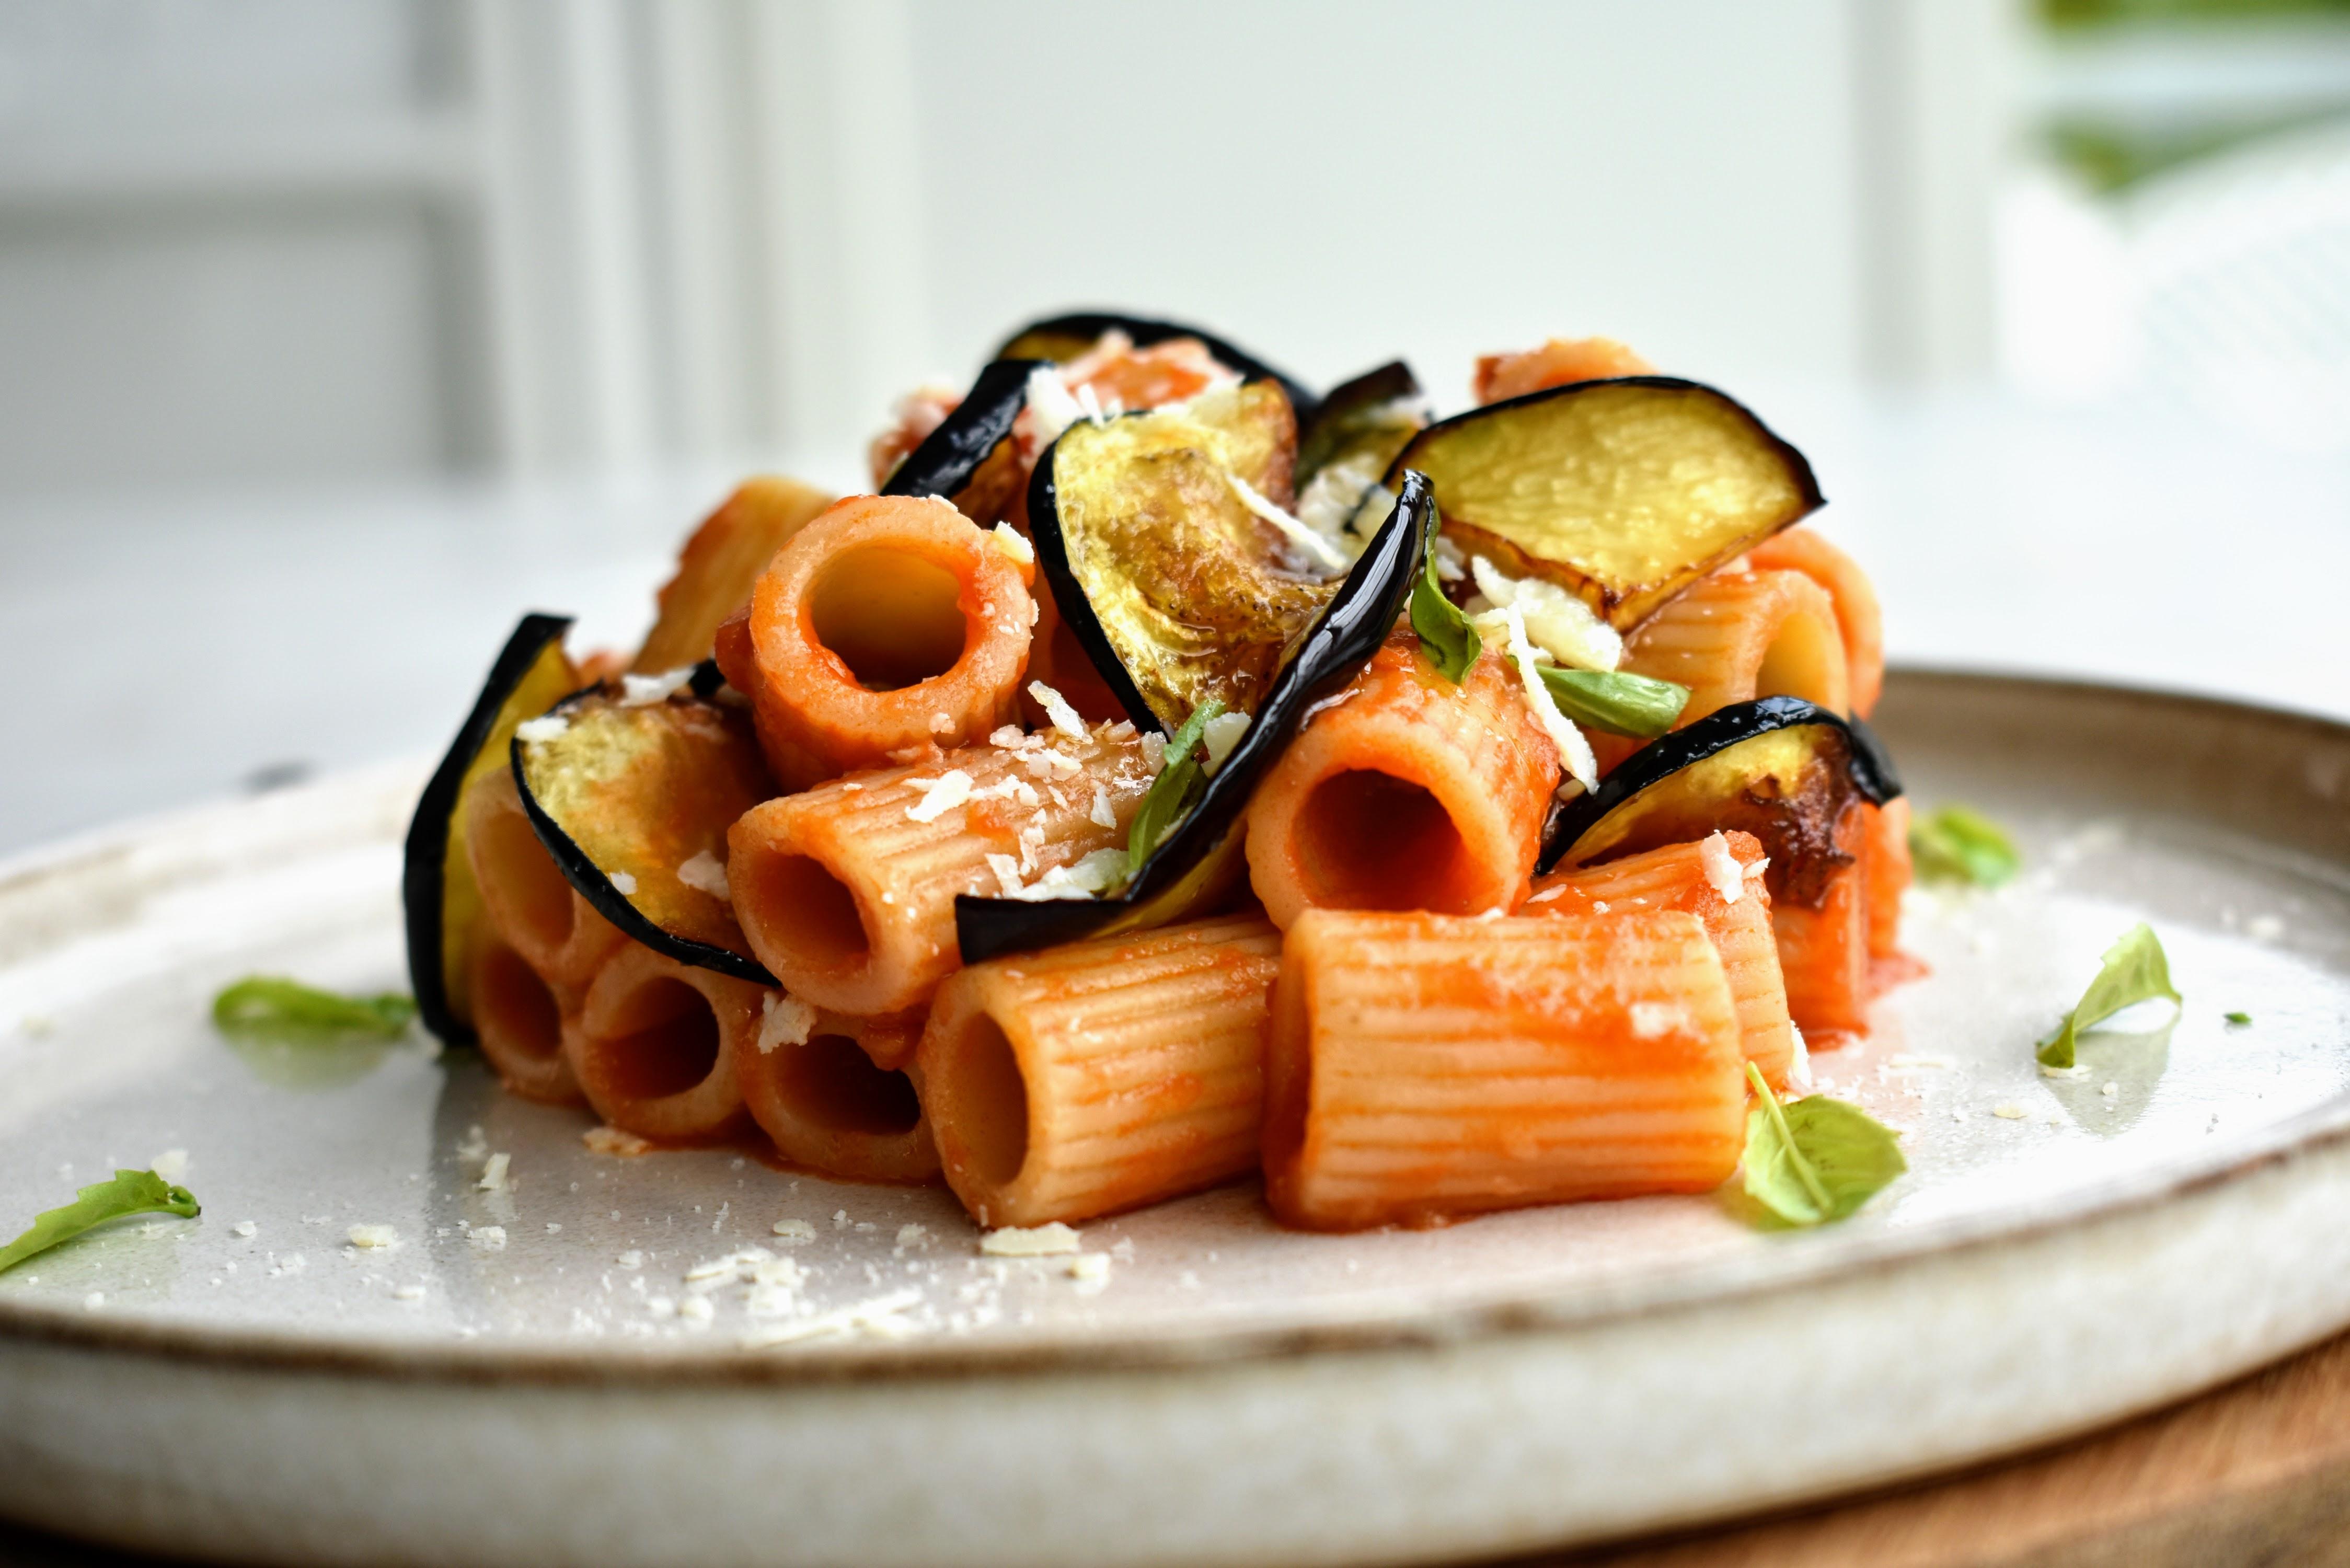 Traditional Pasta alla Norma Recipe from Sicily